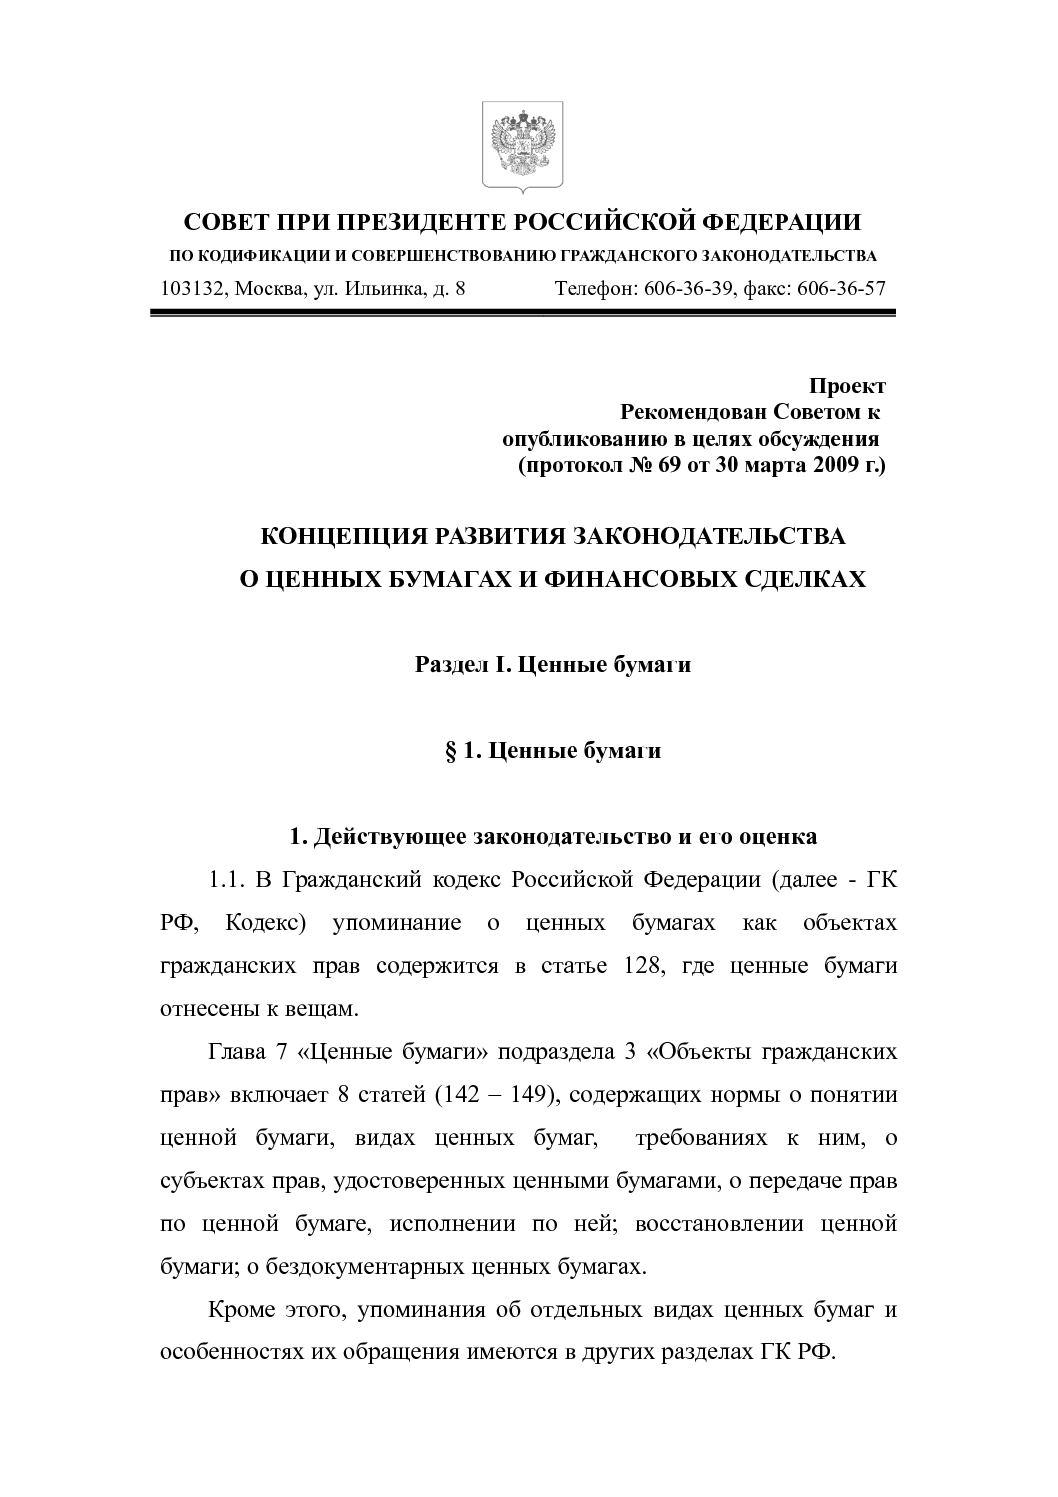 гражданский кодекс виды ценных бумаг